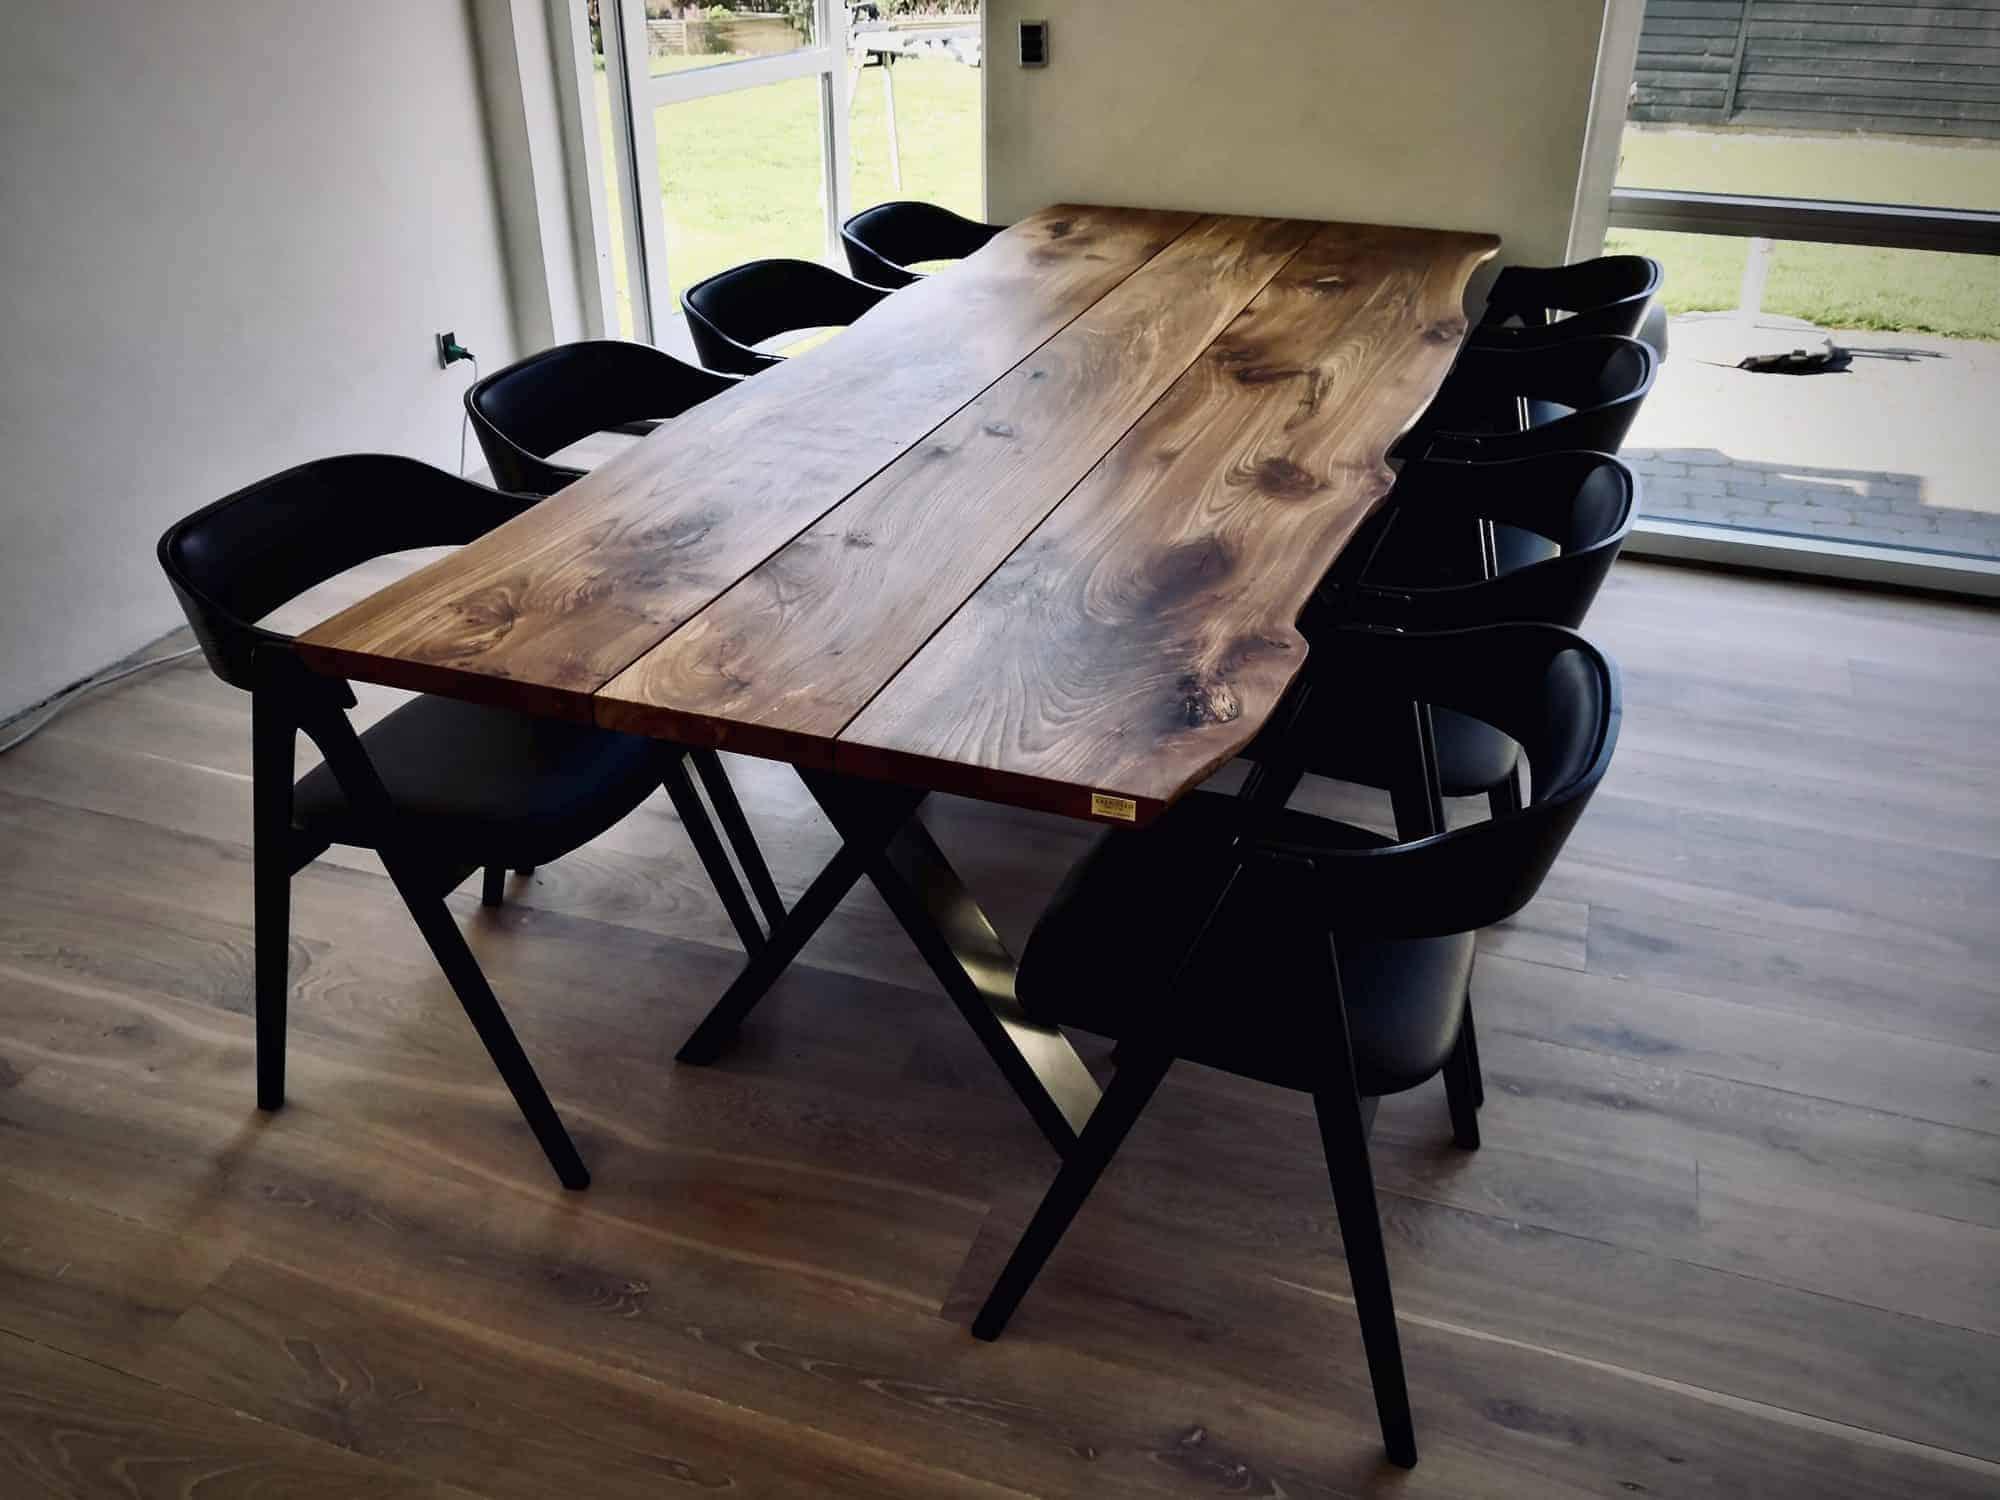 Snedkerbord Mette spisebordsstol Kaerbygård plankeborde mm faerdige 28 scaled